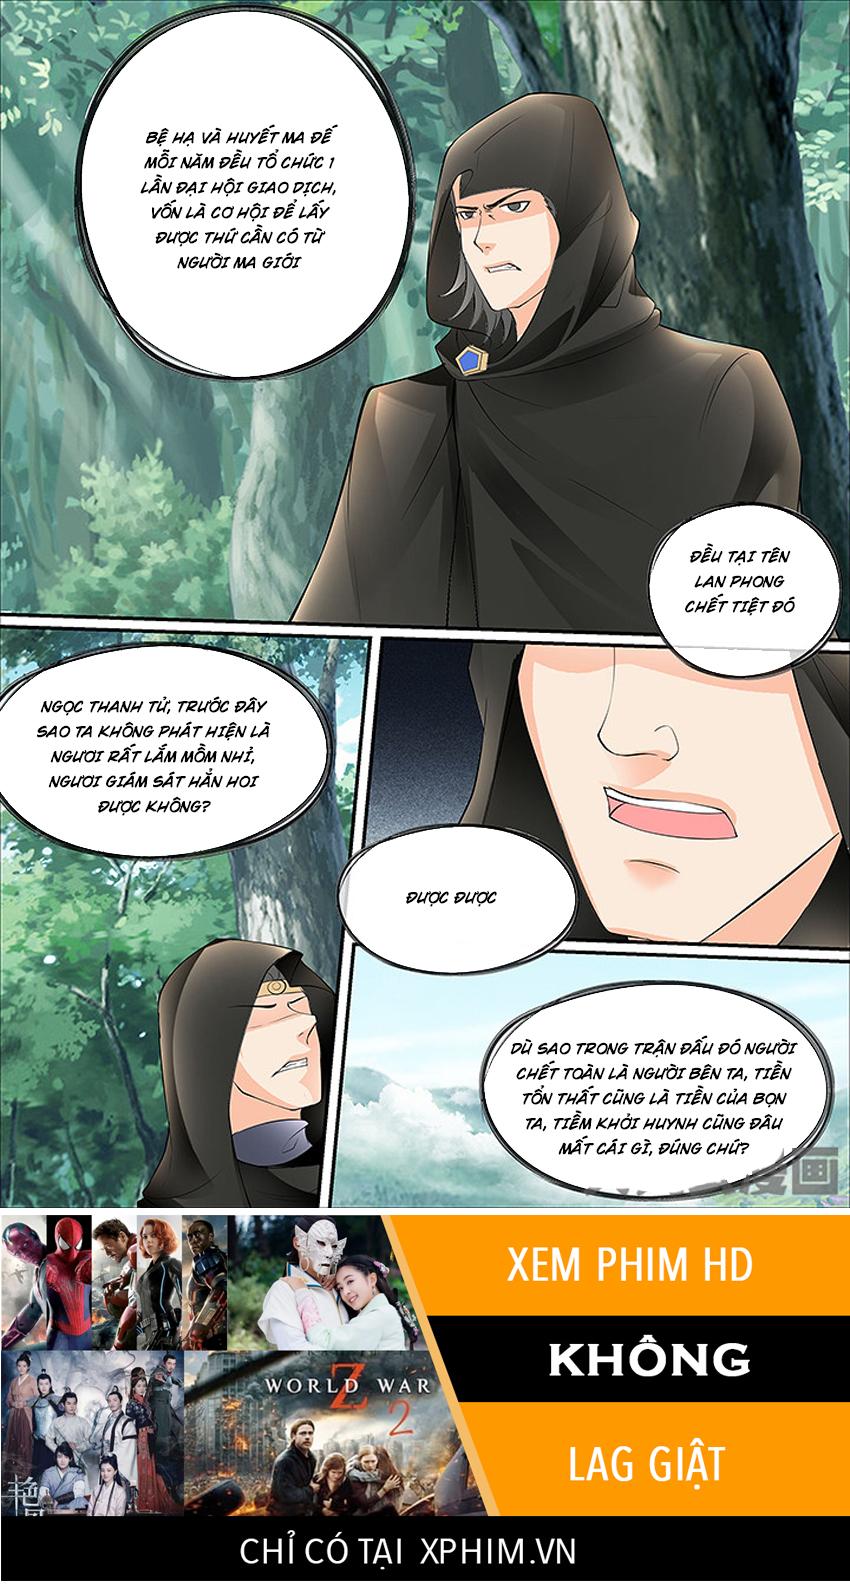 Tinh Thần Biến Chap 427 - Trang 9